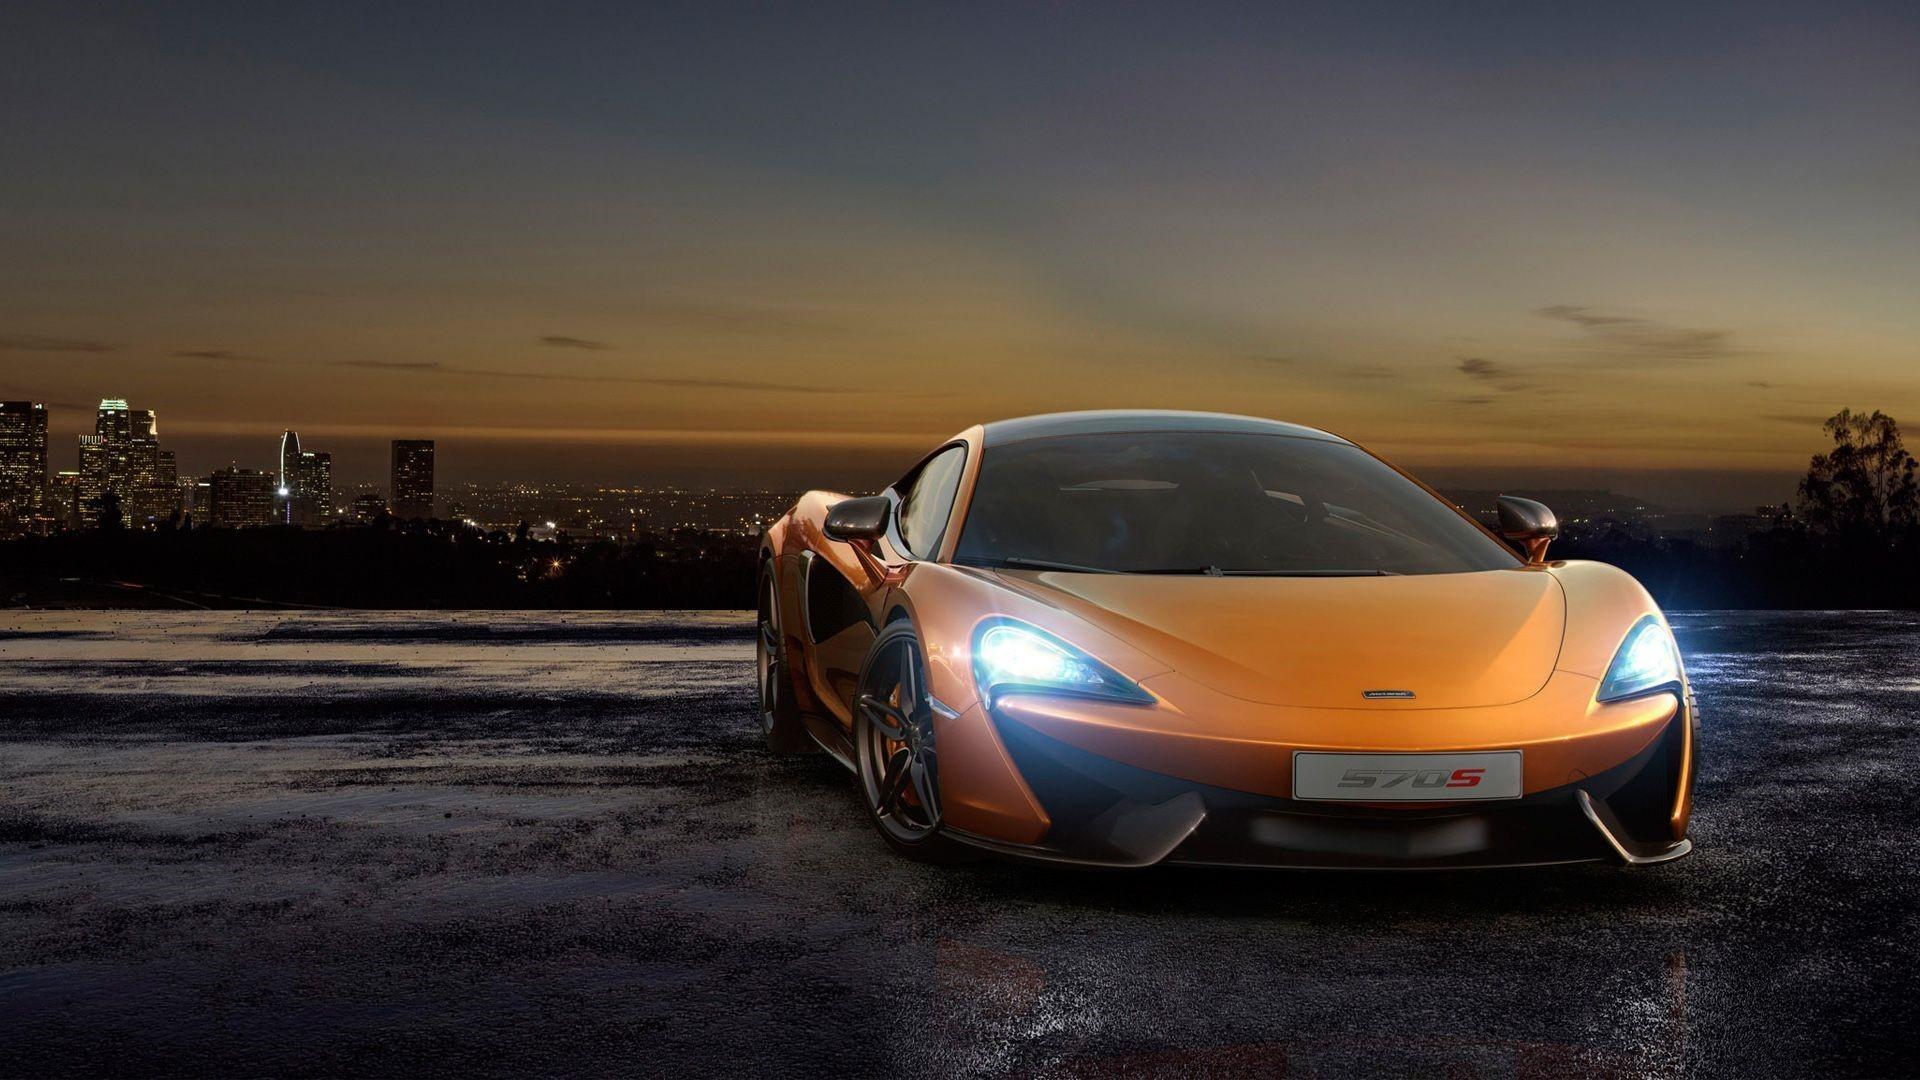 McLaren 570S Free Wallpaper